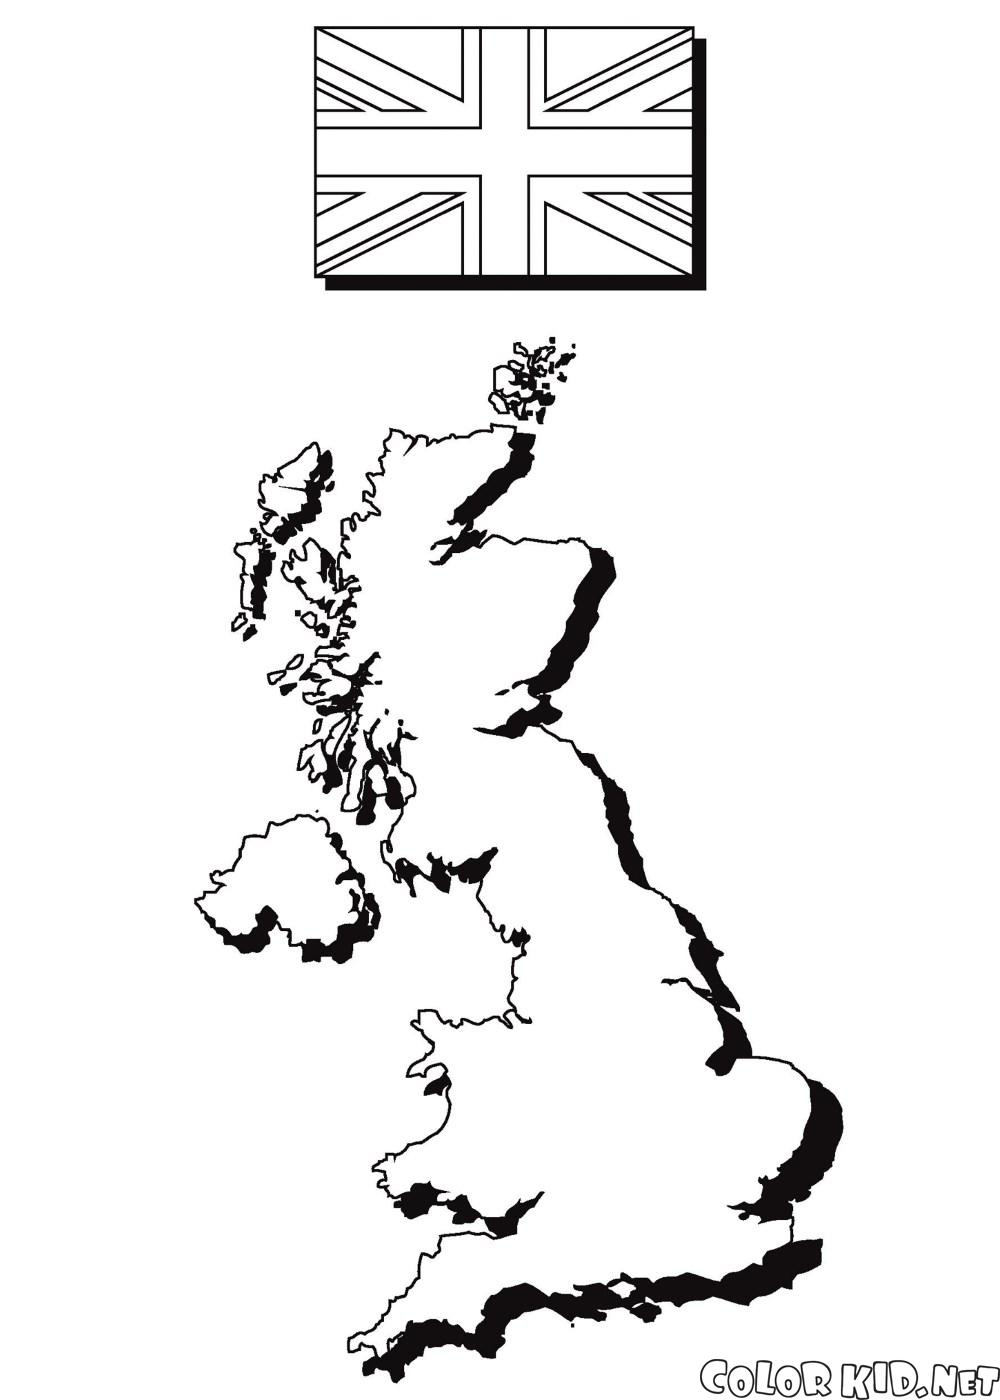 Regno Unito Cartina Da Colorare.Disegni Da Colorare La Mappa E La Bandiera Dinghilterra